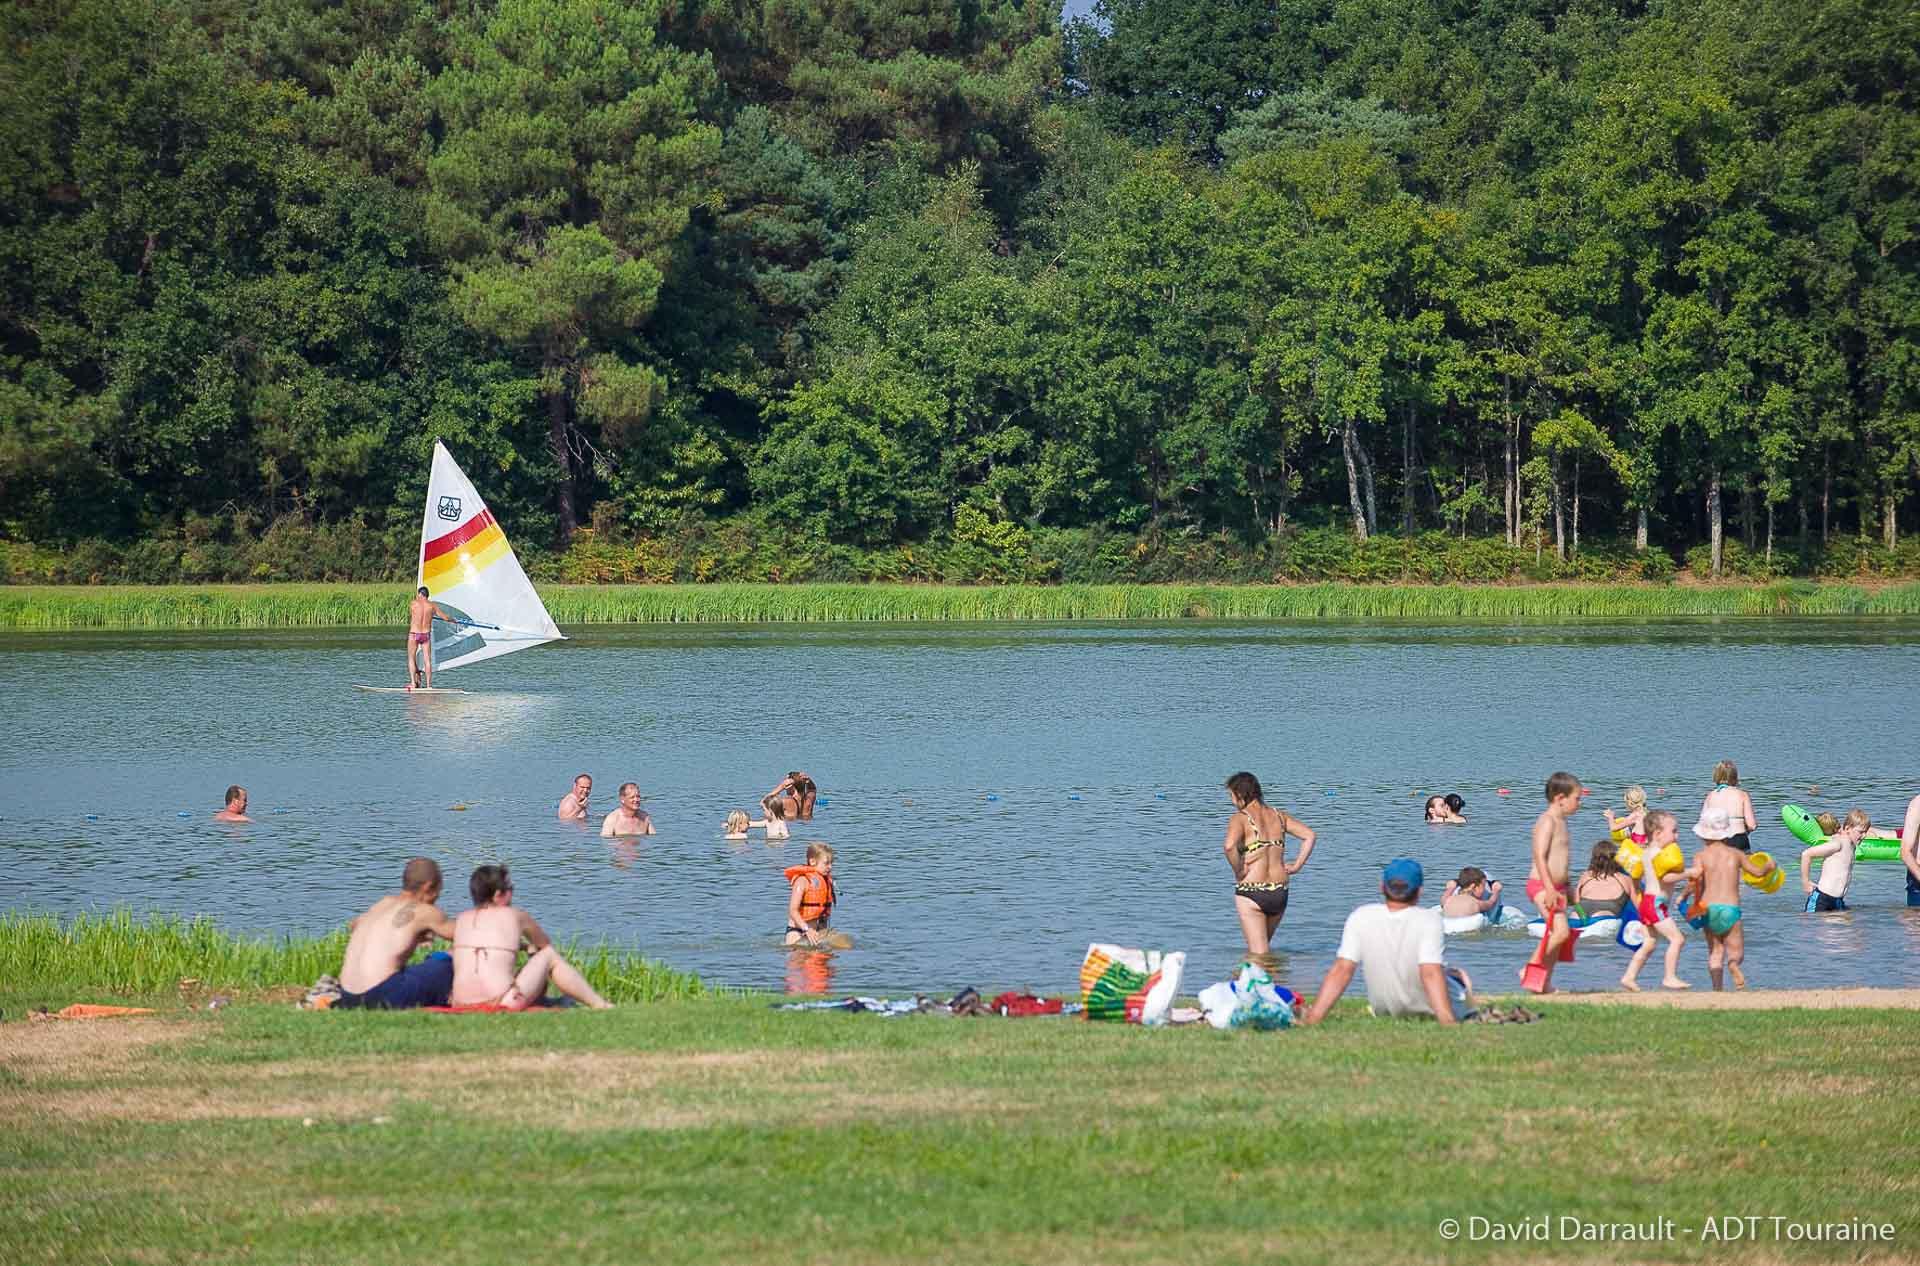 Vacances d'été : baignade au lac de Chemillé-sur-Indrois